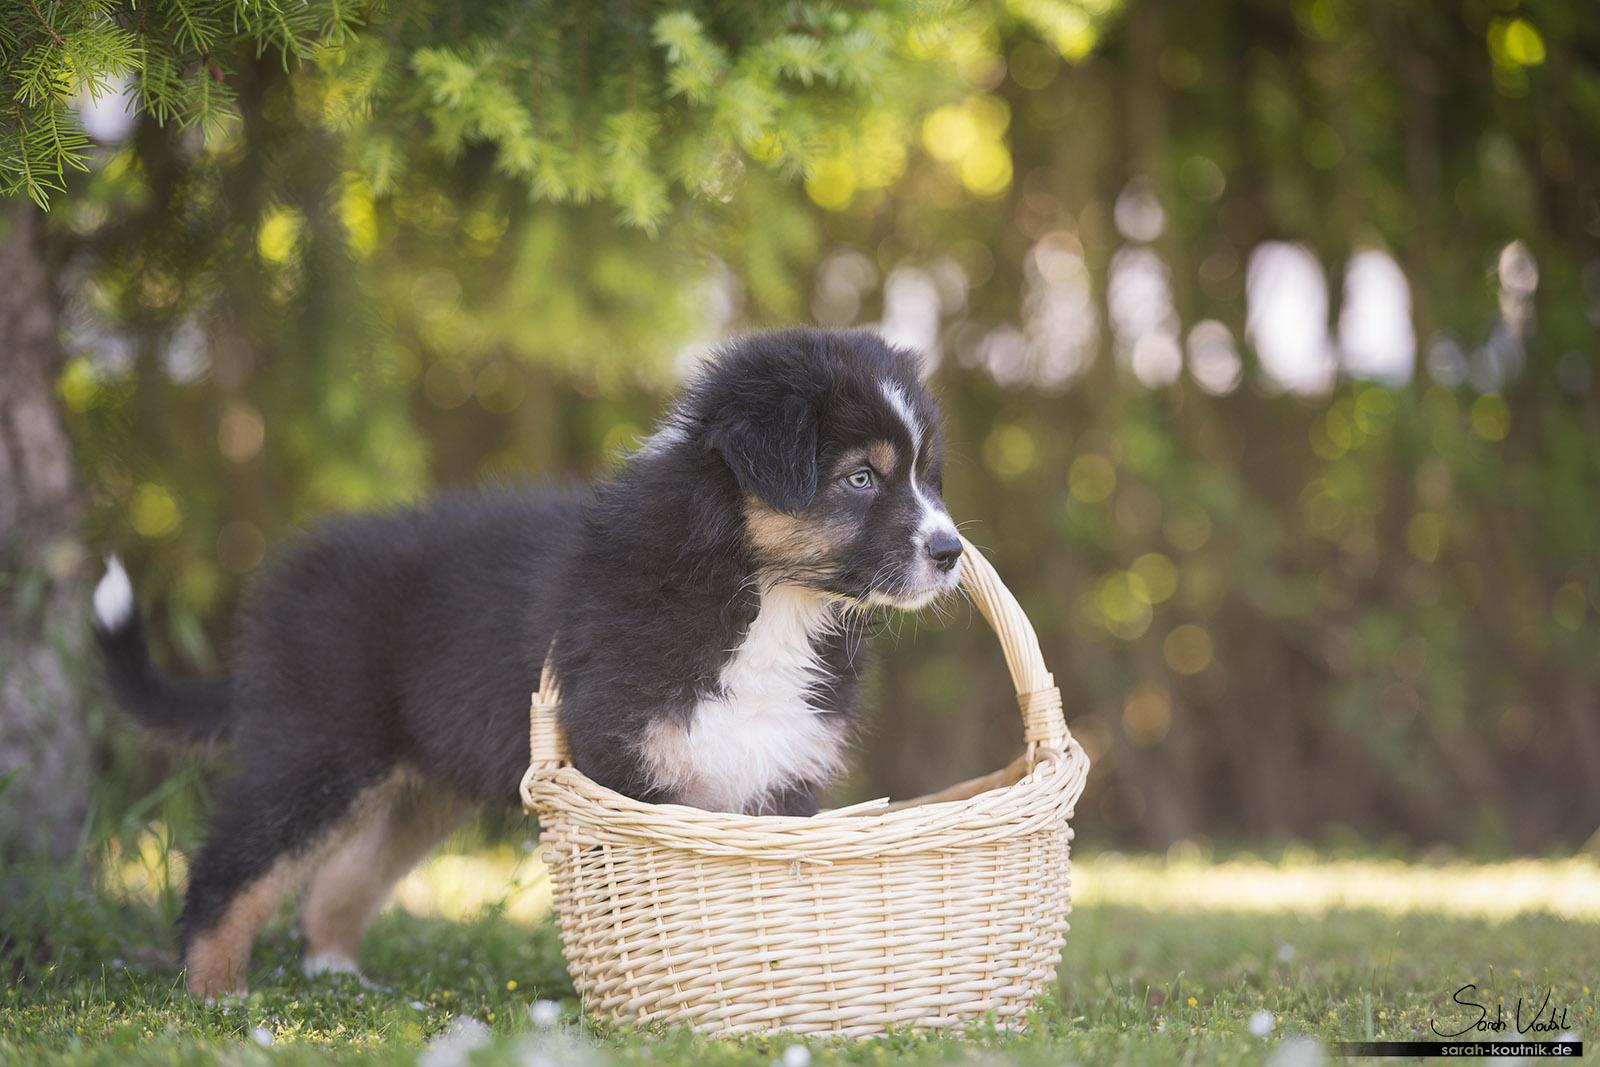 Australian Shepherd Welpe Avanti steht mit den Vorderpfötchen im Weidekorb | Hundefotografie München